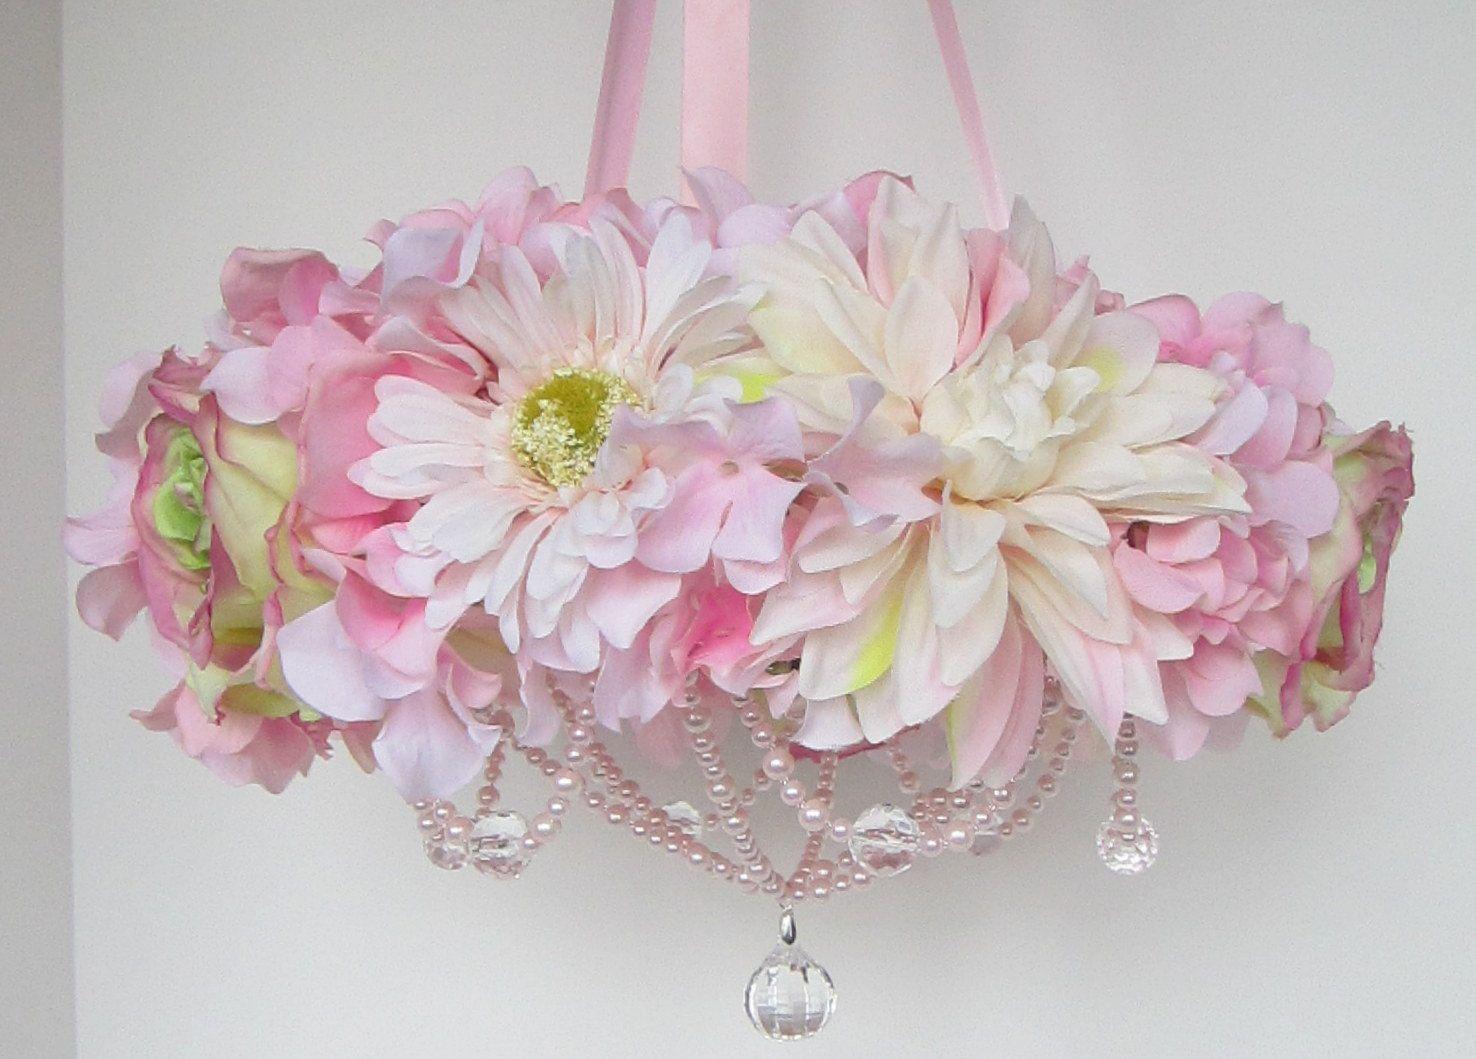 Baby mobile floral chandelier idea for a diy baby girl baby mobile floral chandelier idea for a diy arubaitofo Gallery